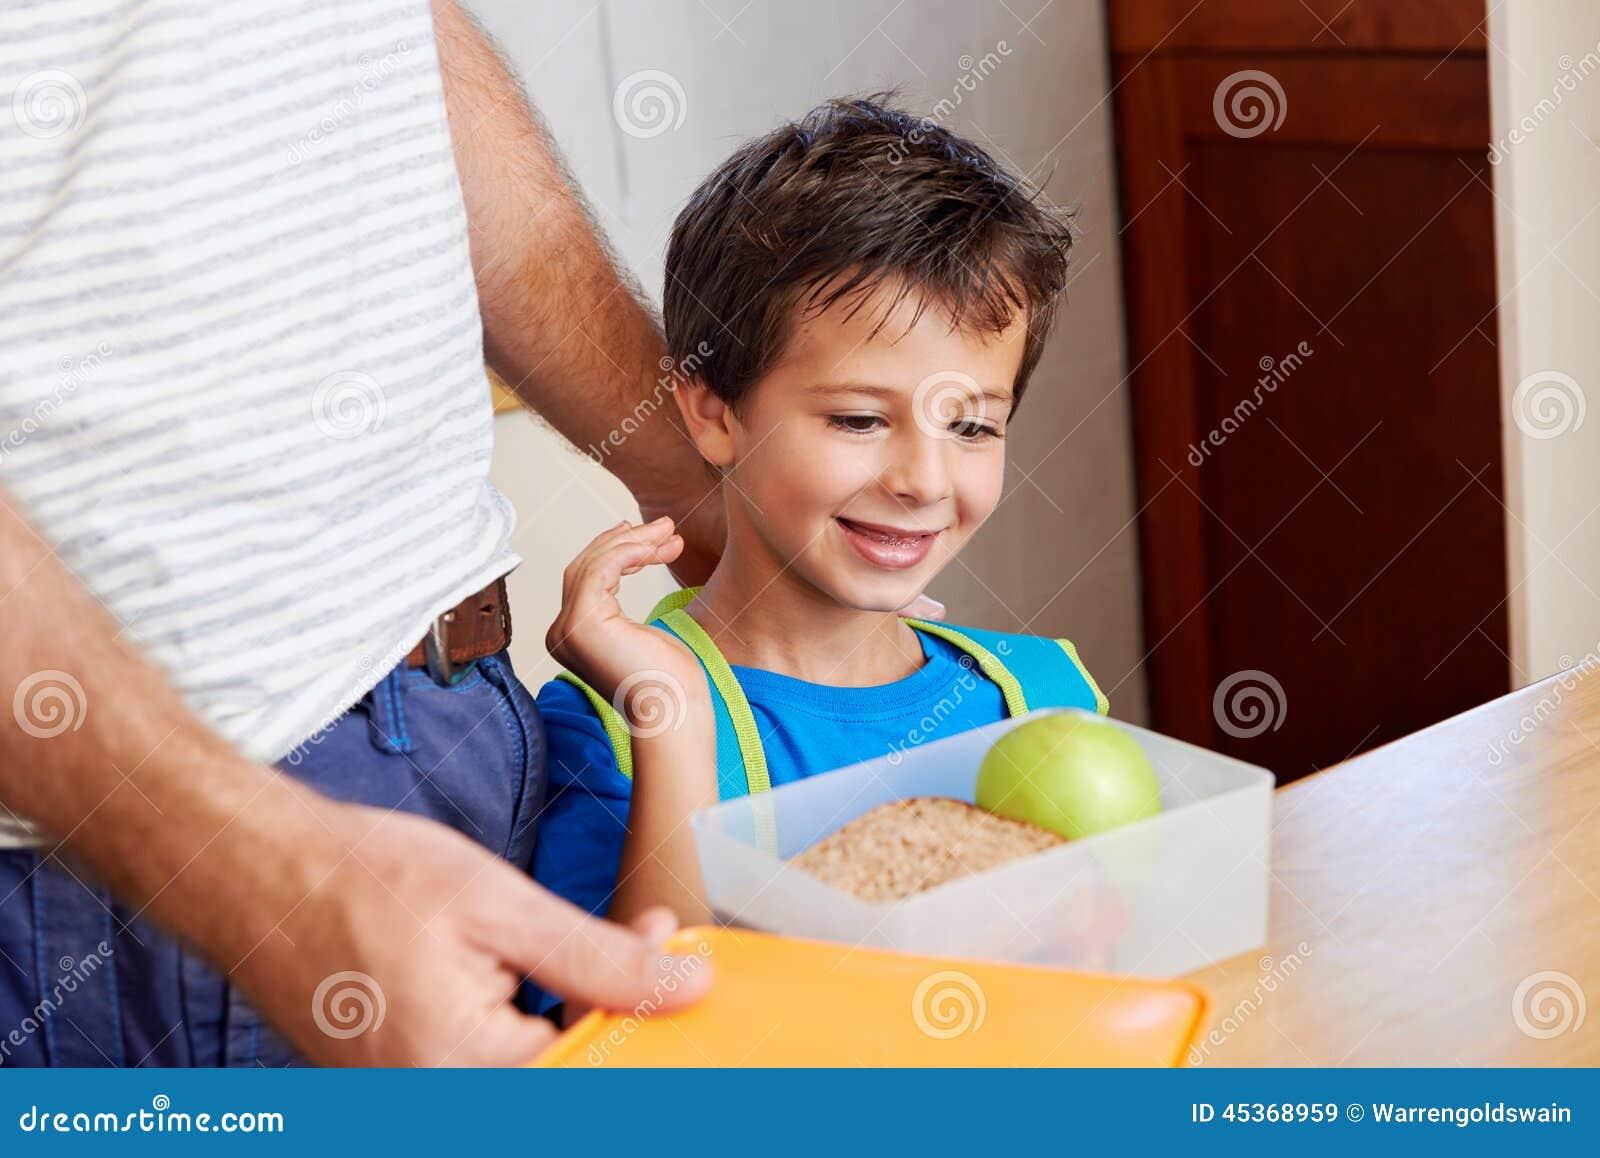 Repas scolaire sain